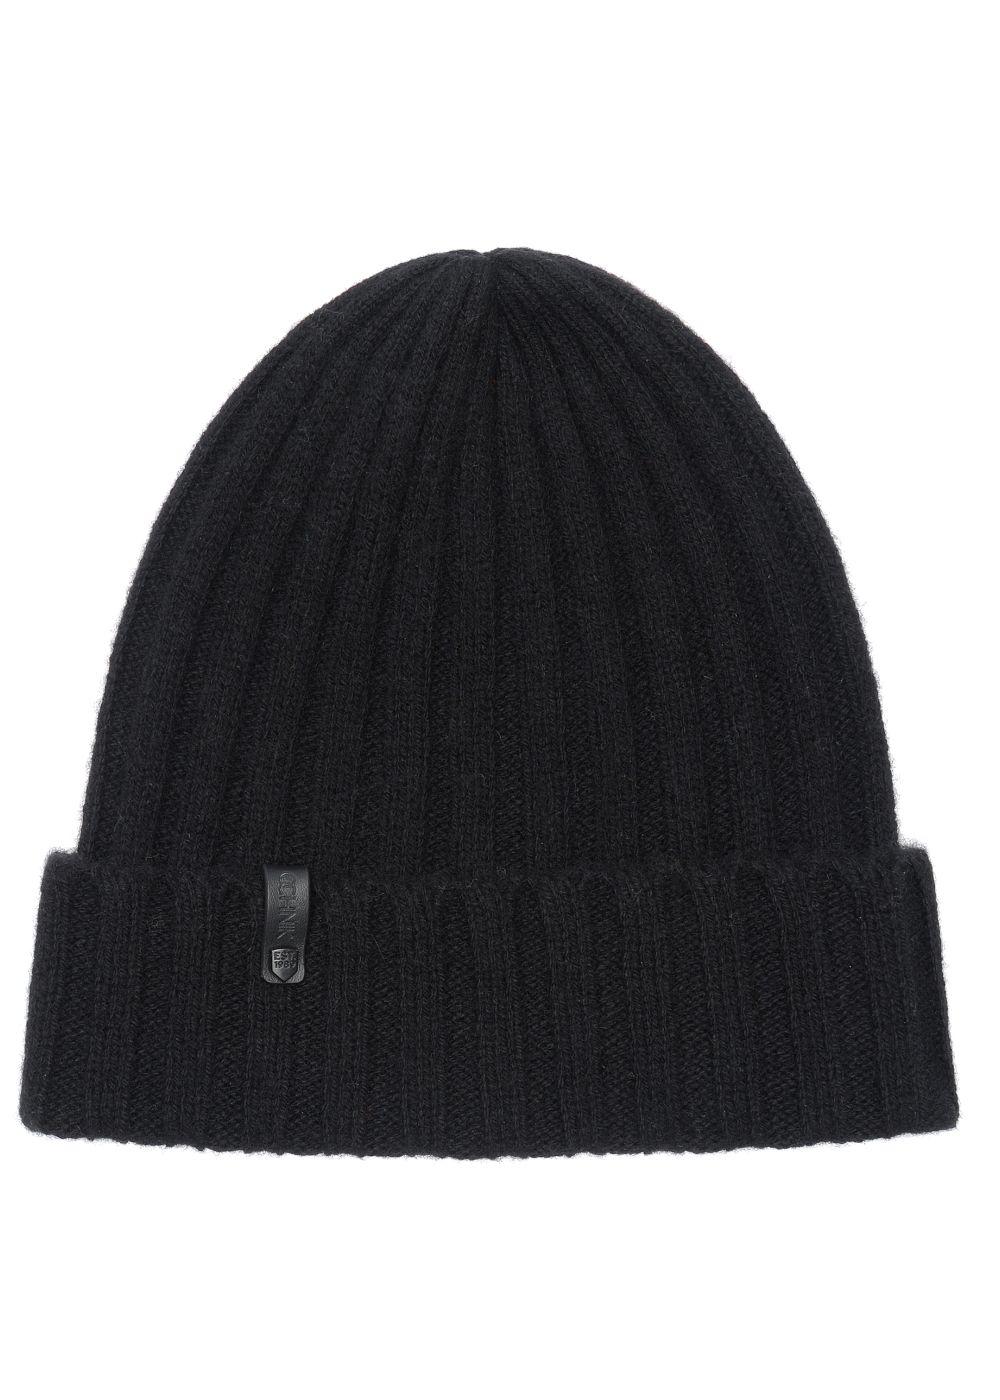 Zestaw czapka i szalik SZAMT-0030-99+CZAMT-0033-99(Z20)